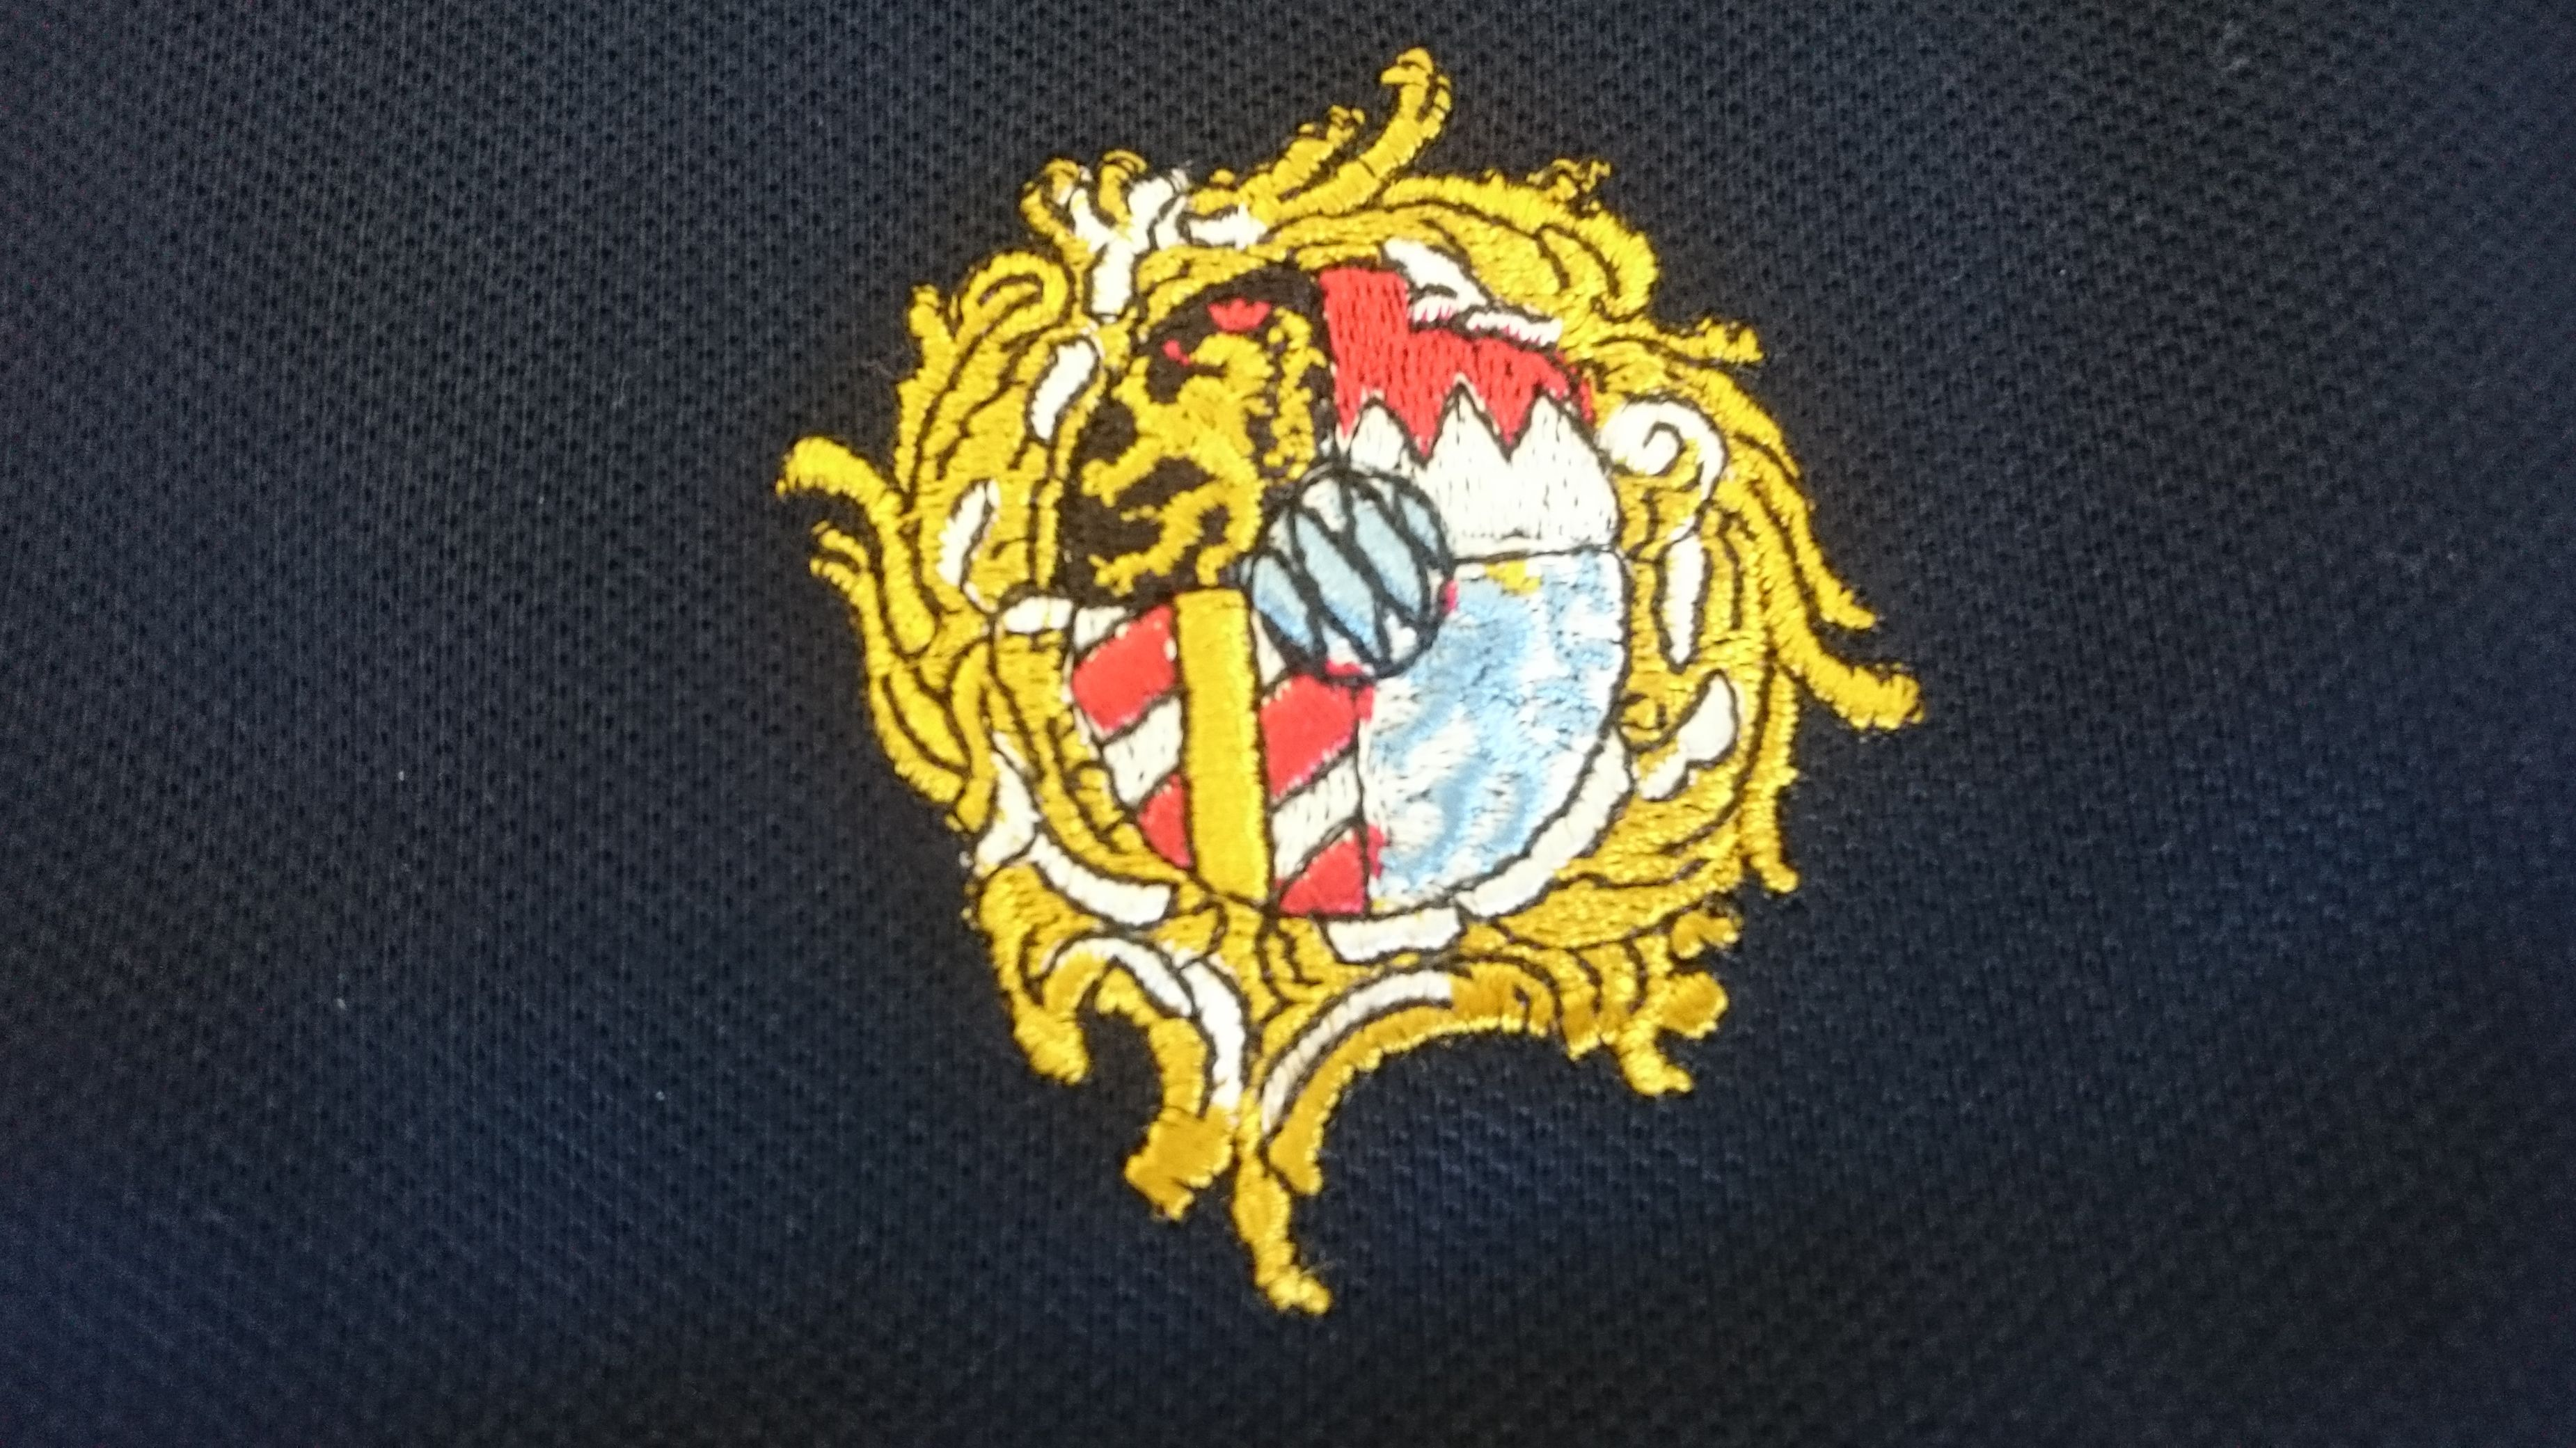 Poloshirt der Kulturgut AG mit Wittelsbacher-Logo.